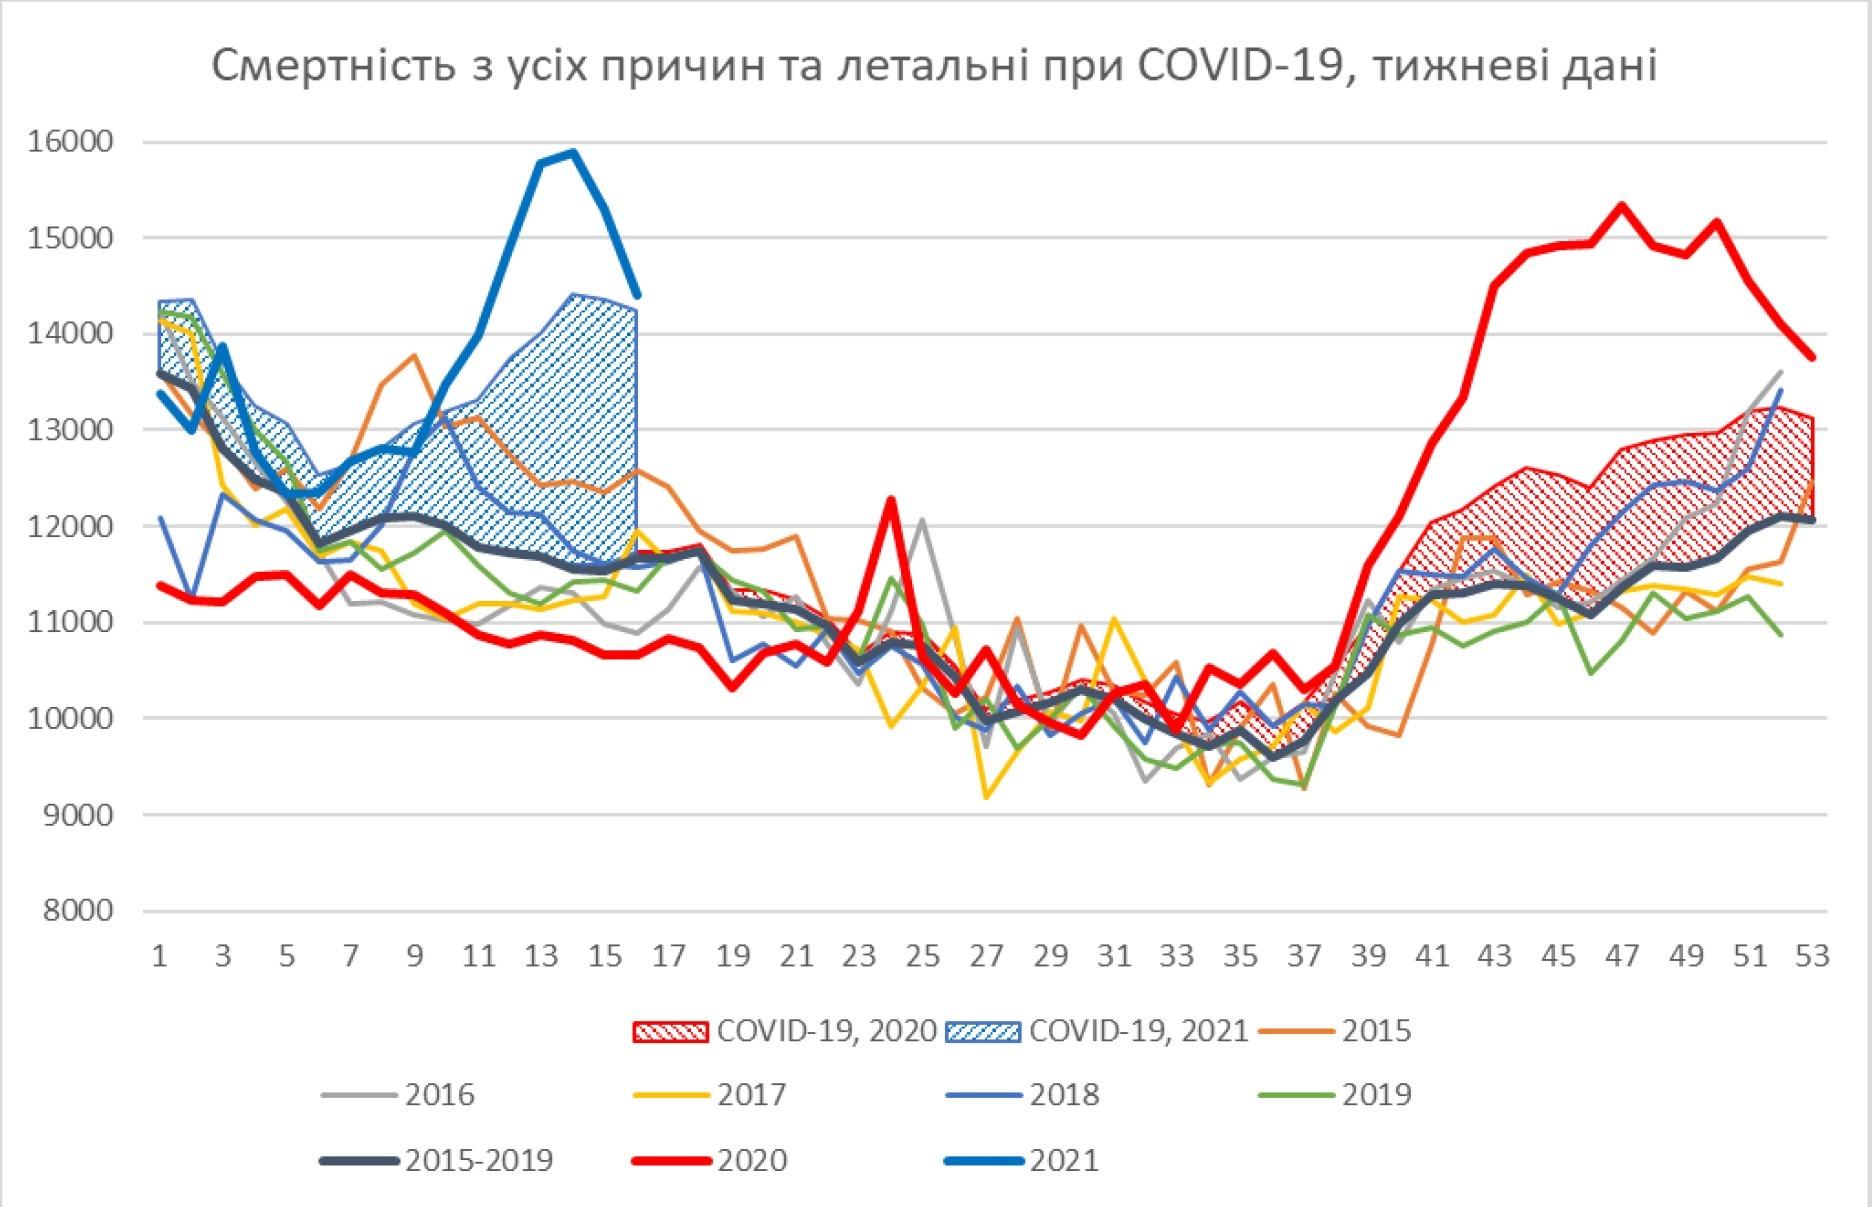 Какая реальная смертность от коронавируса в Украине - ученые обнародовали данные за 2020 год  - фото 2